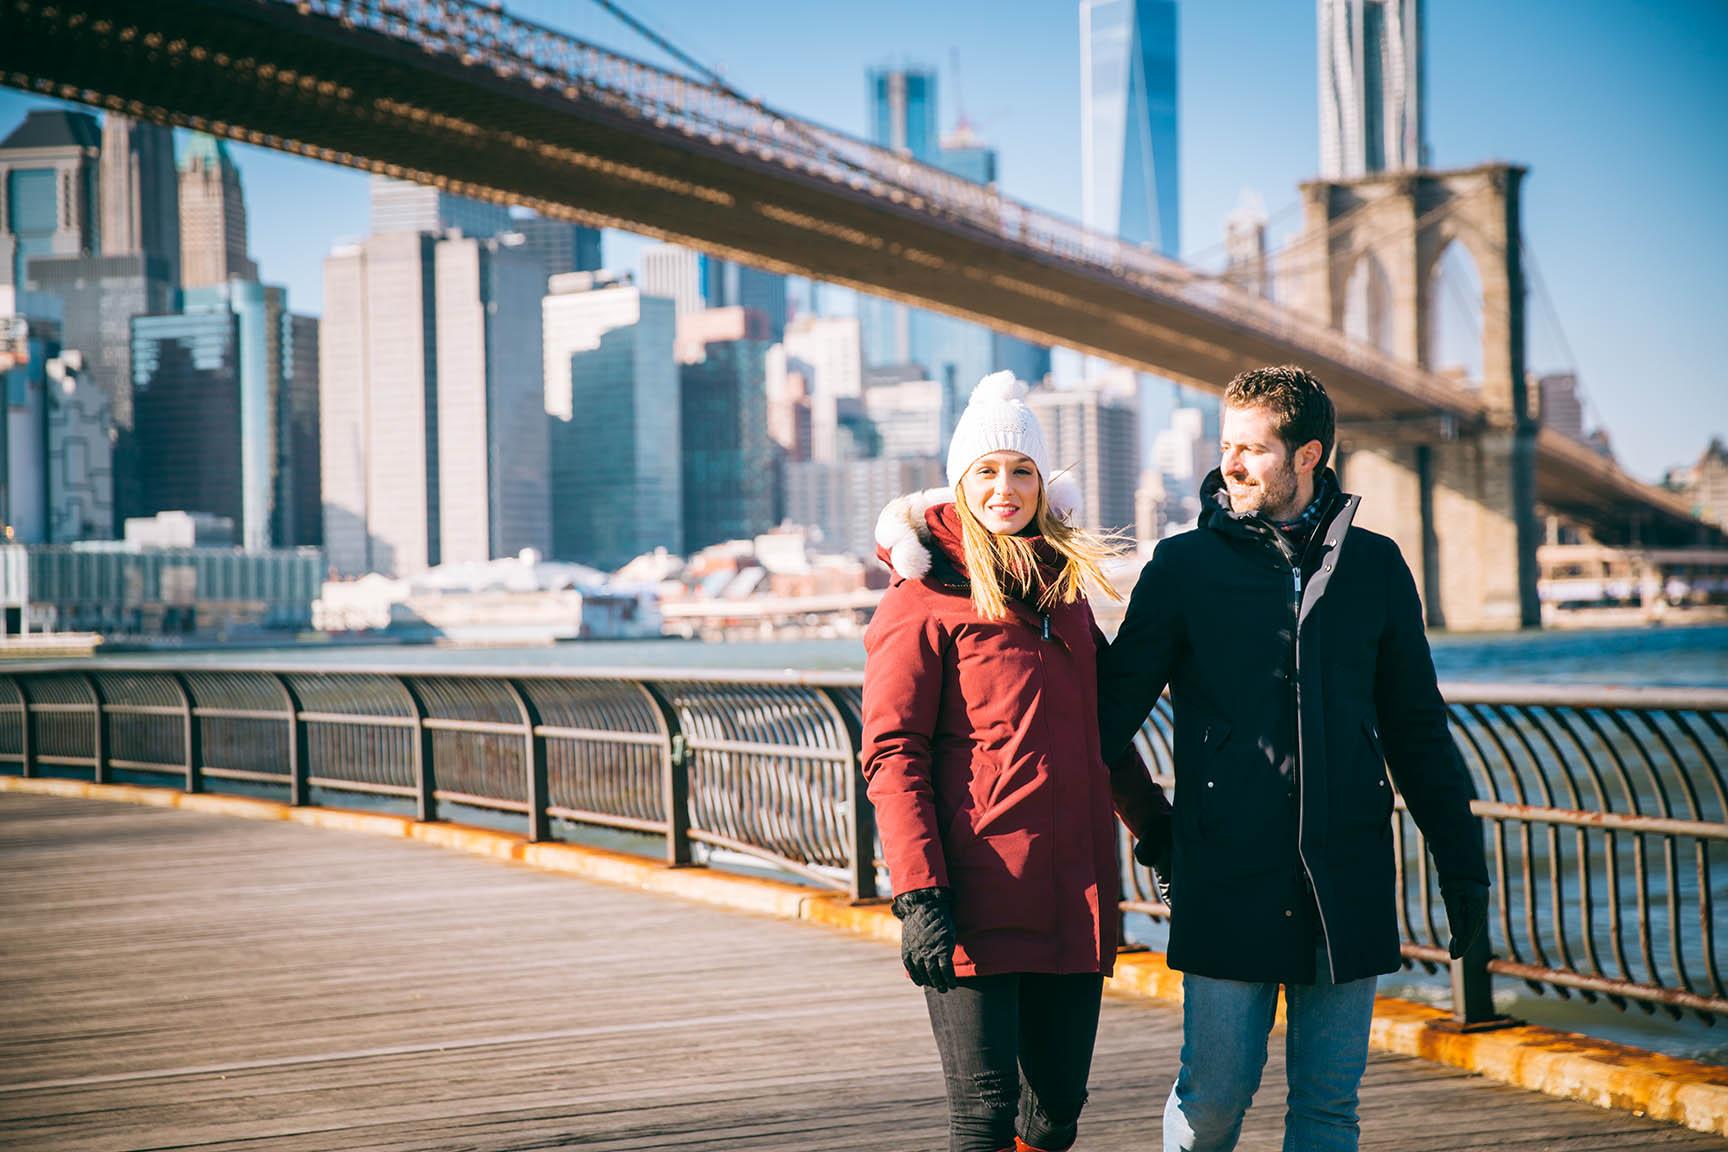 Sprazzi_Professional_Portrait_Photo_NYC_Han_Resize_37.jpg